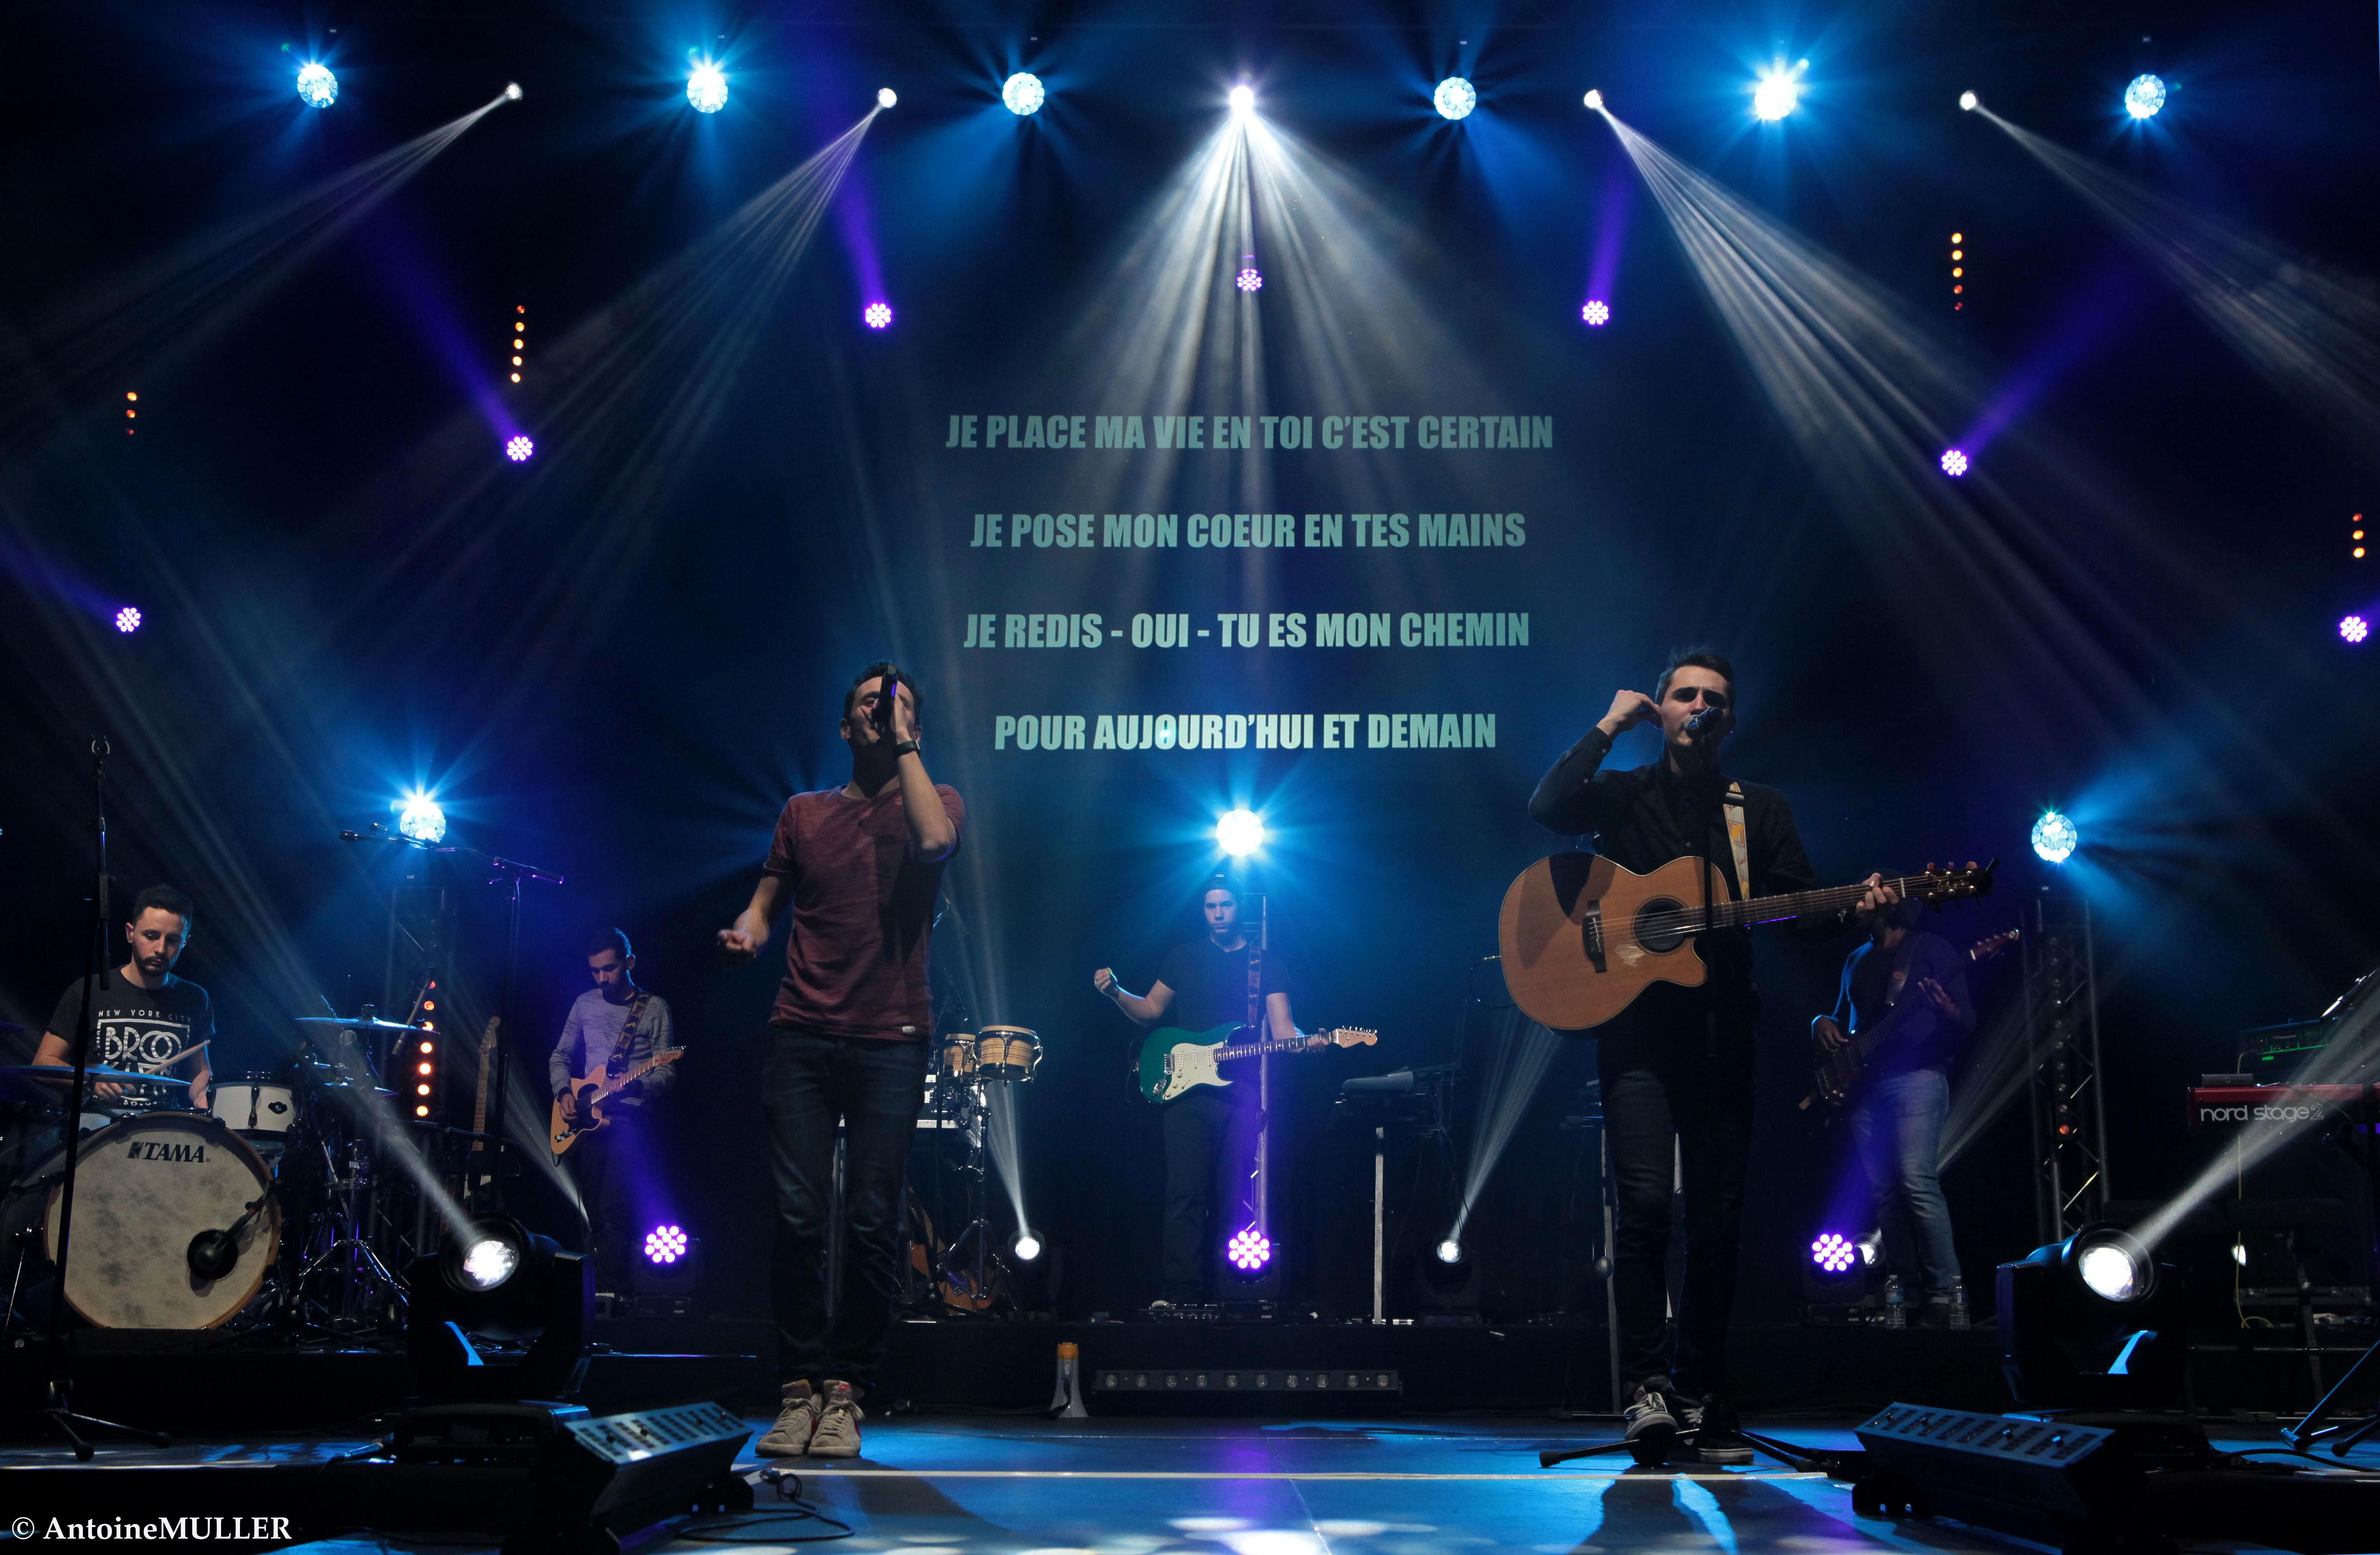 Concert du groupe Hopen le 2 juin 2018 à Colombes (92)